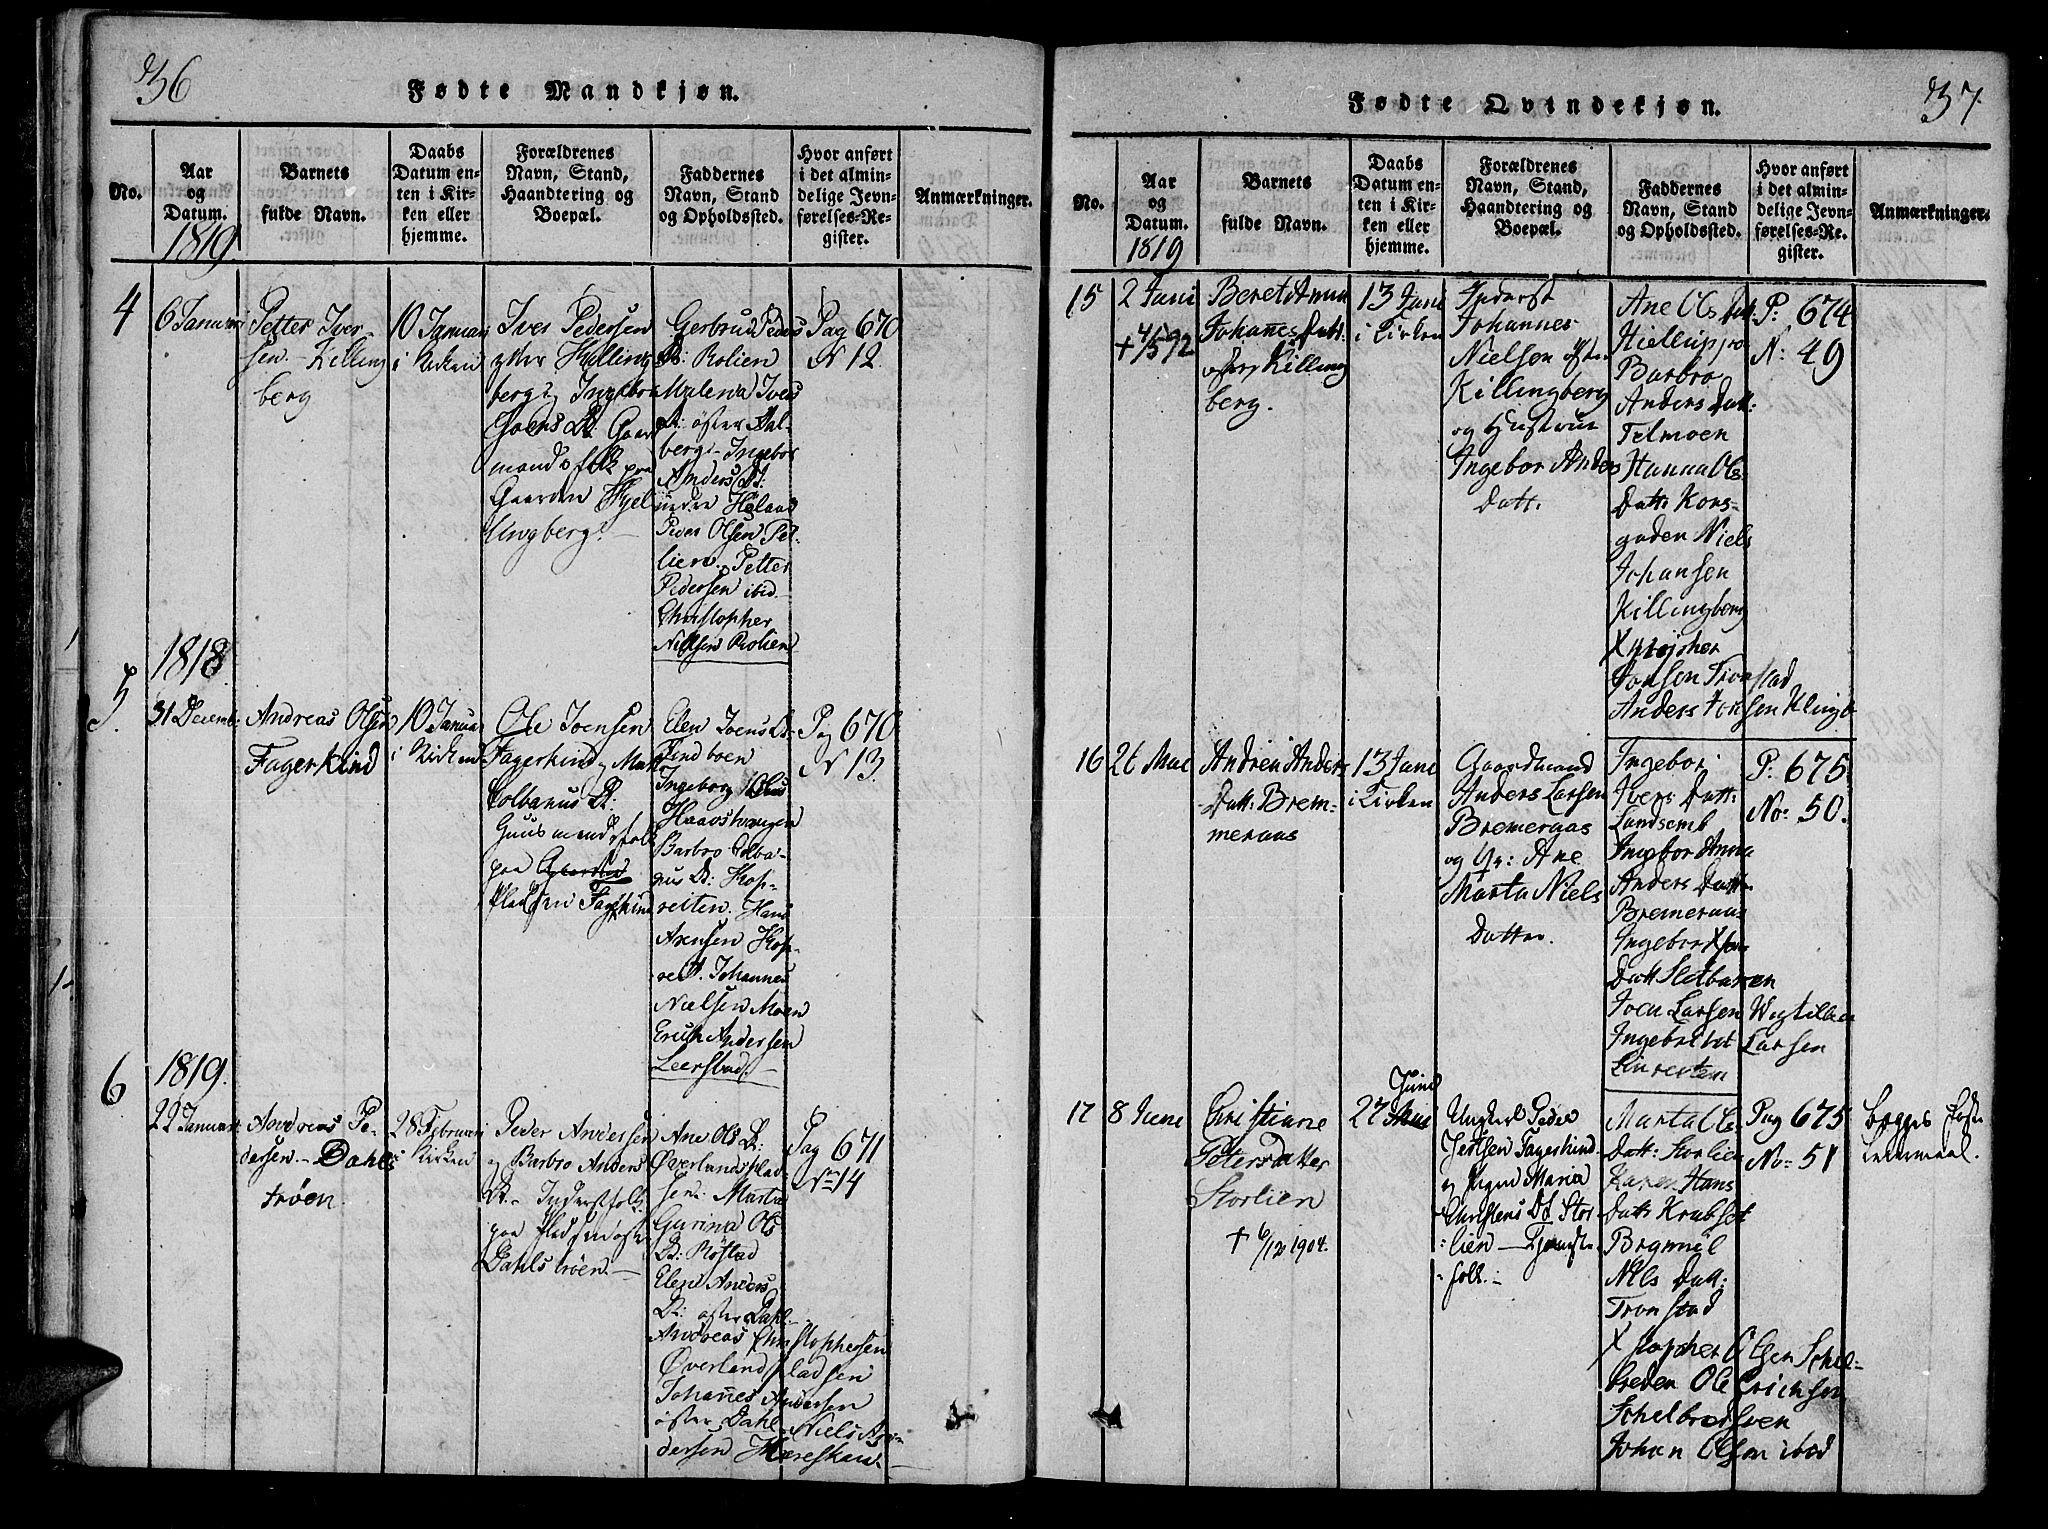 SAT, Ministerialprotokoller, klokkerbøker og fødselsregistre - Nord-Trøndelag, 701/L0005: Ministerialbok nr. 701A05 /1, 1816-1825, s. 36-37